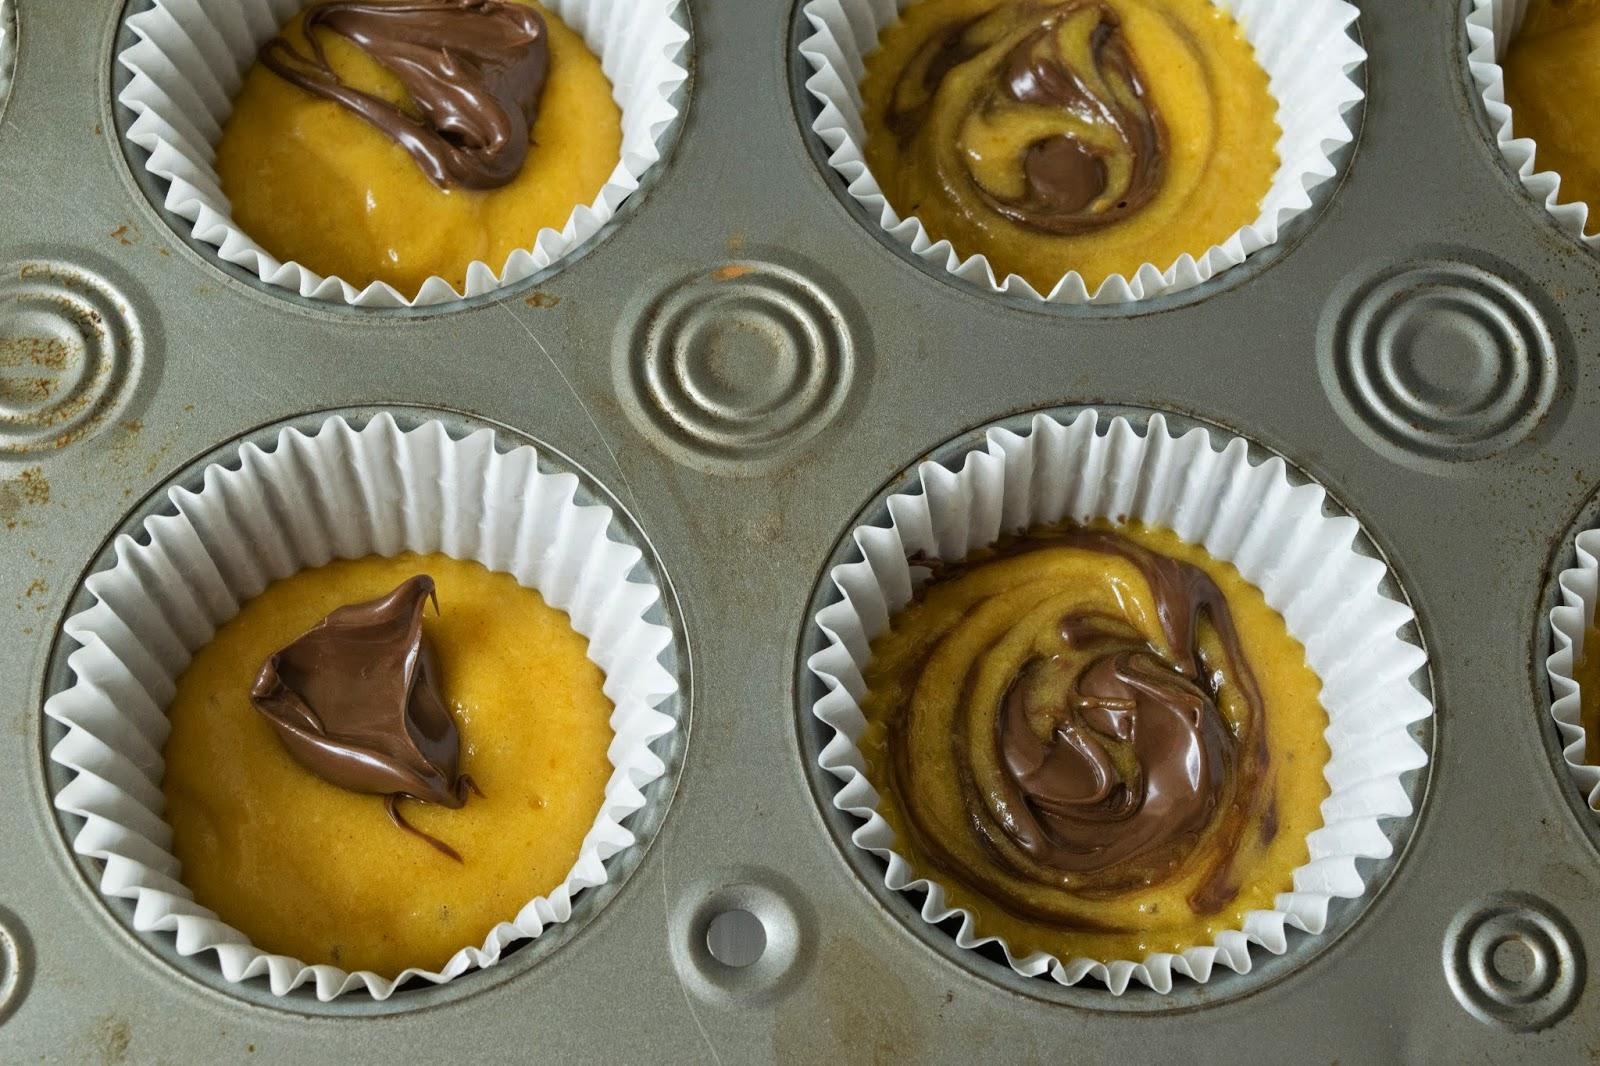 Pumpkin%2Bchocolate%2Bswirl%2Bmuffins37.jpg